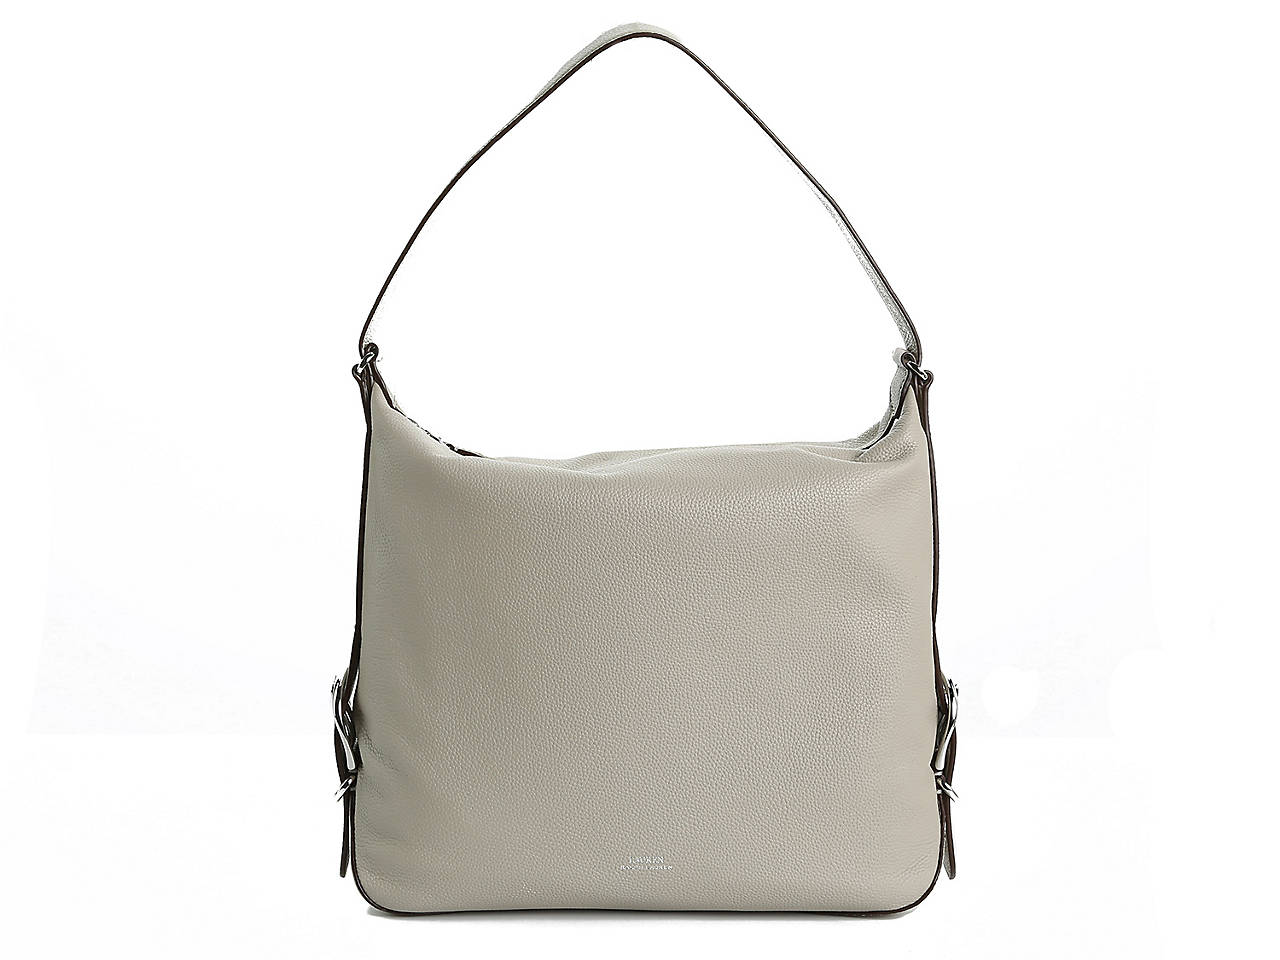 0245248af45de Lauren Ralph Lauren Cornwall Leather Hobo Bag Women's Handbags ...